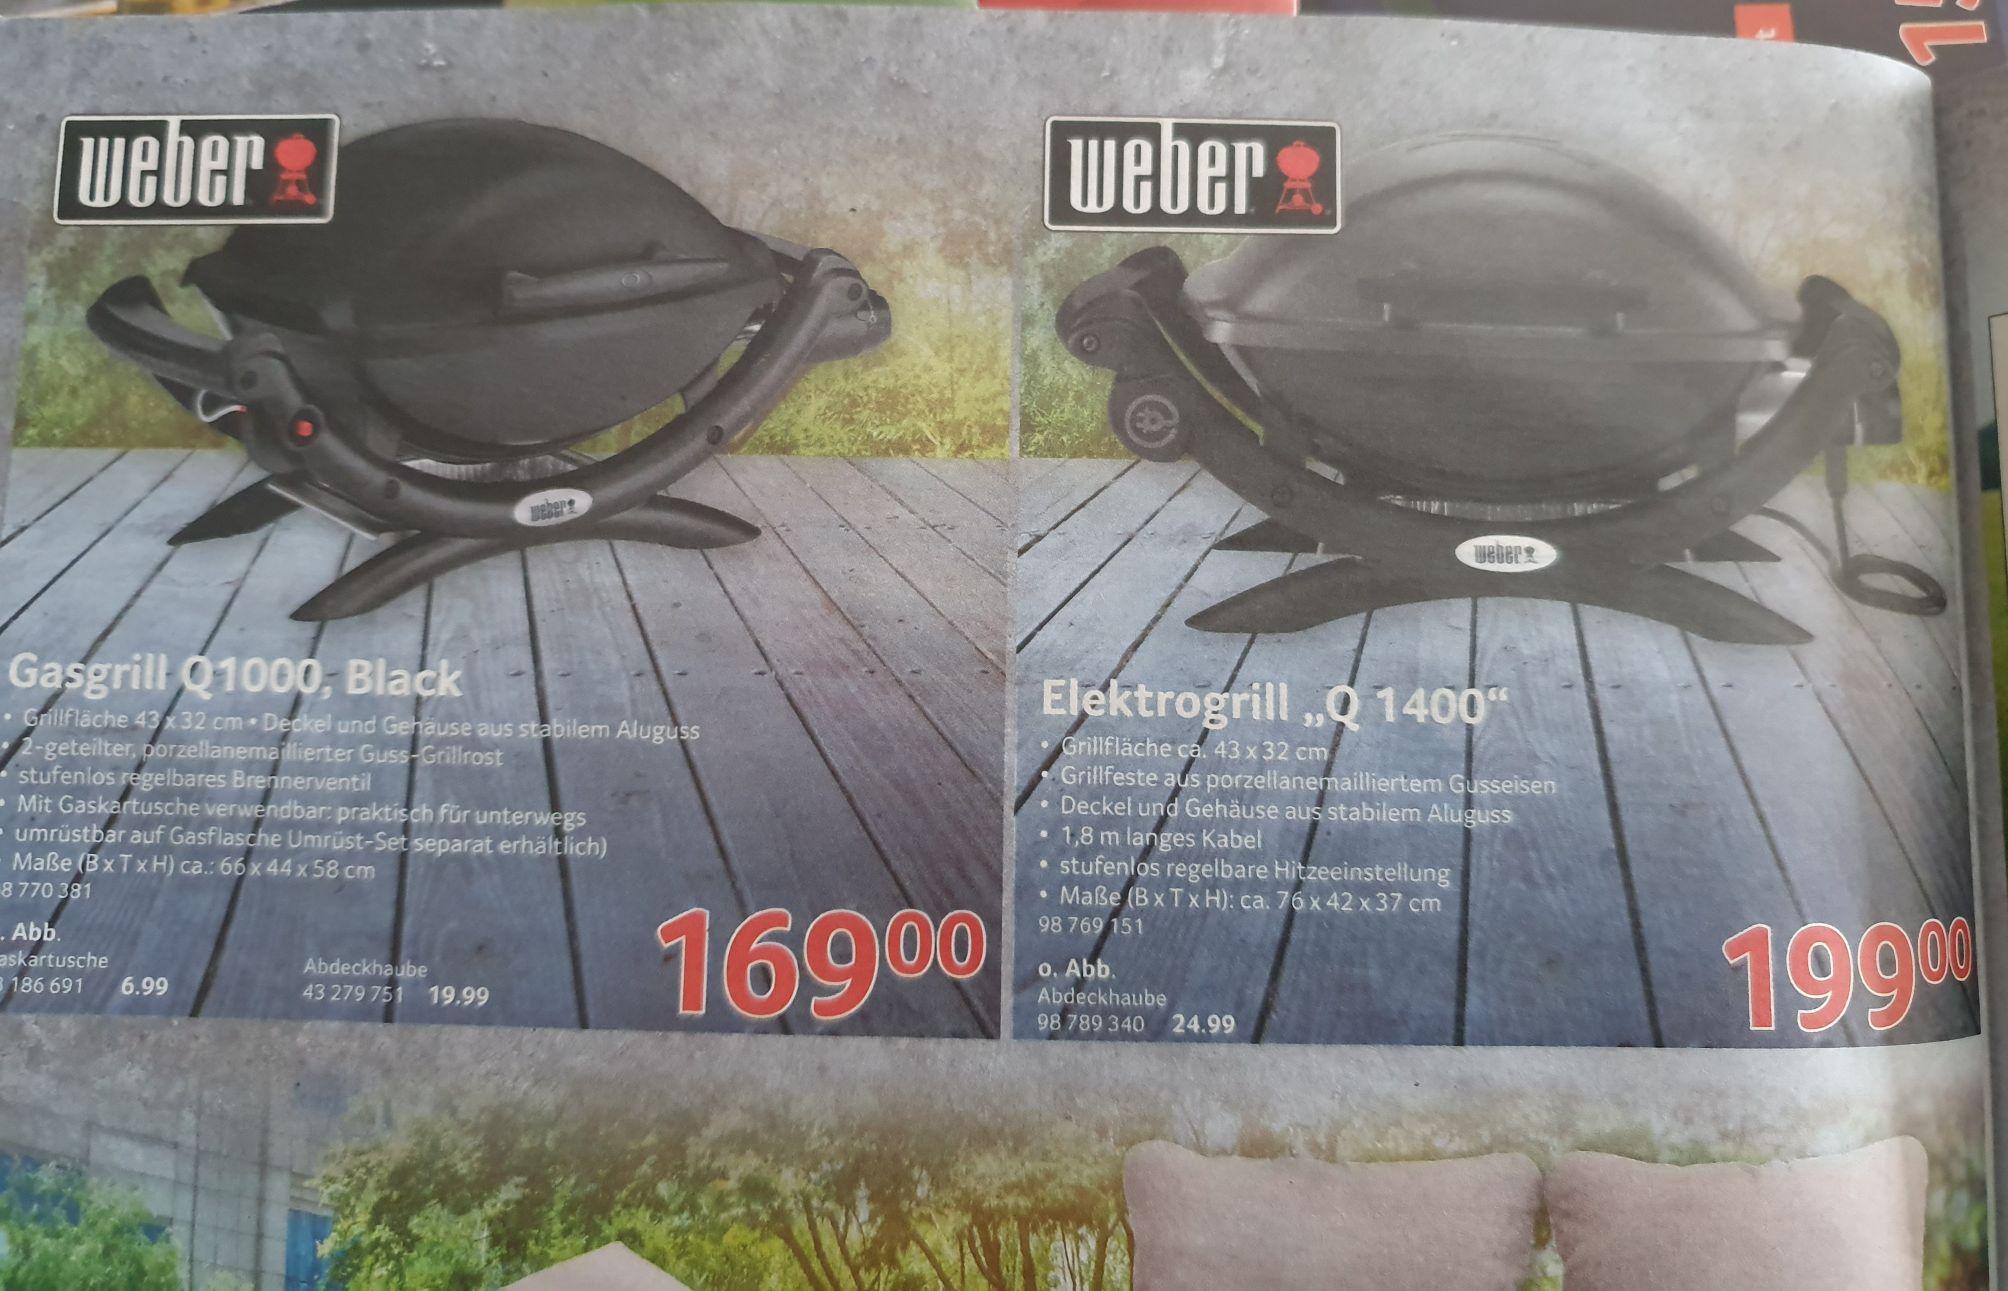 Weber Grill Q1000 und Q1400